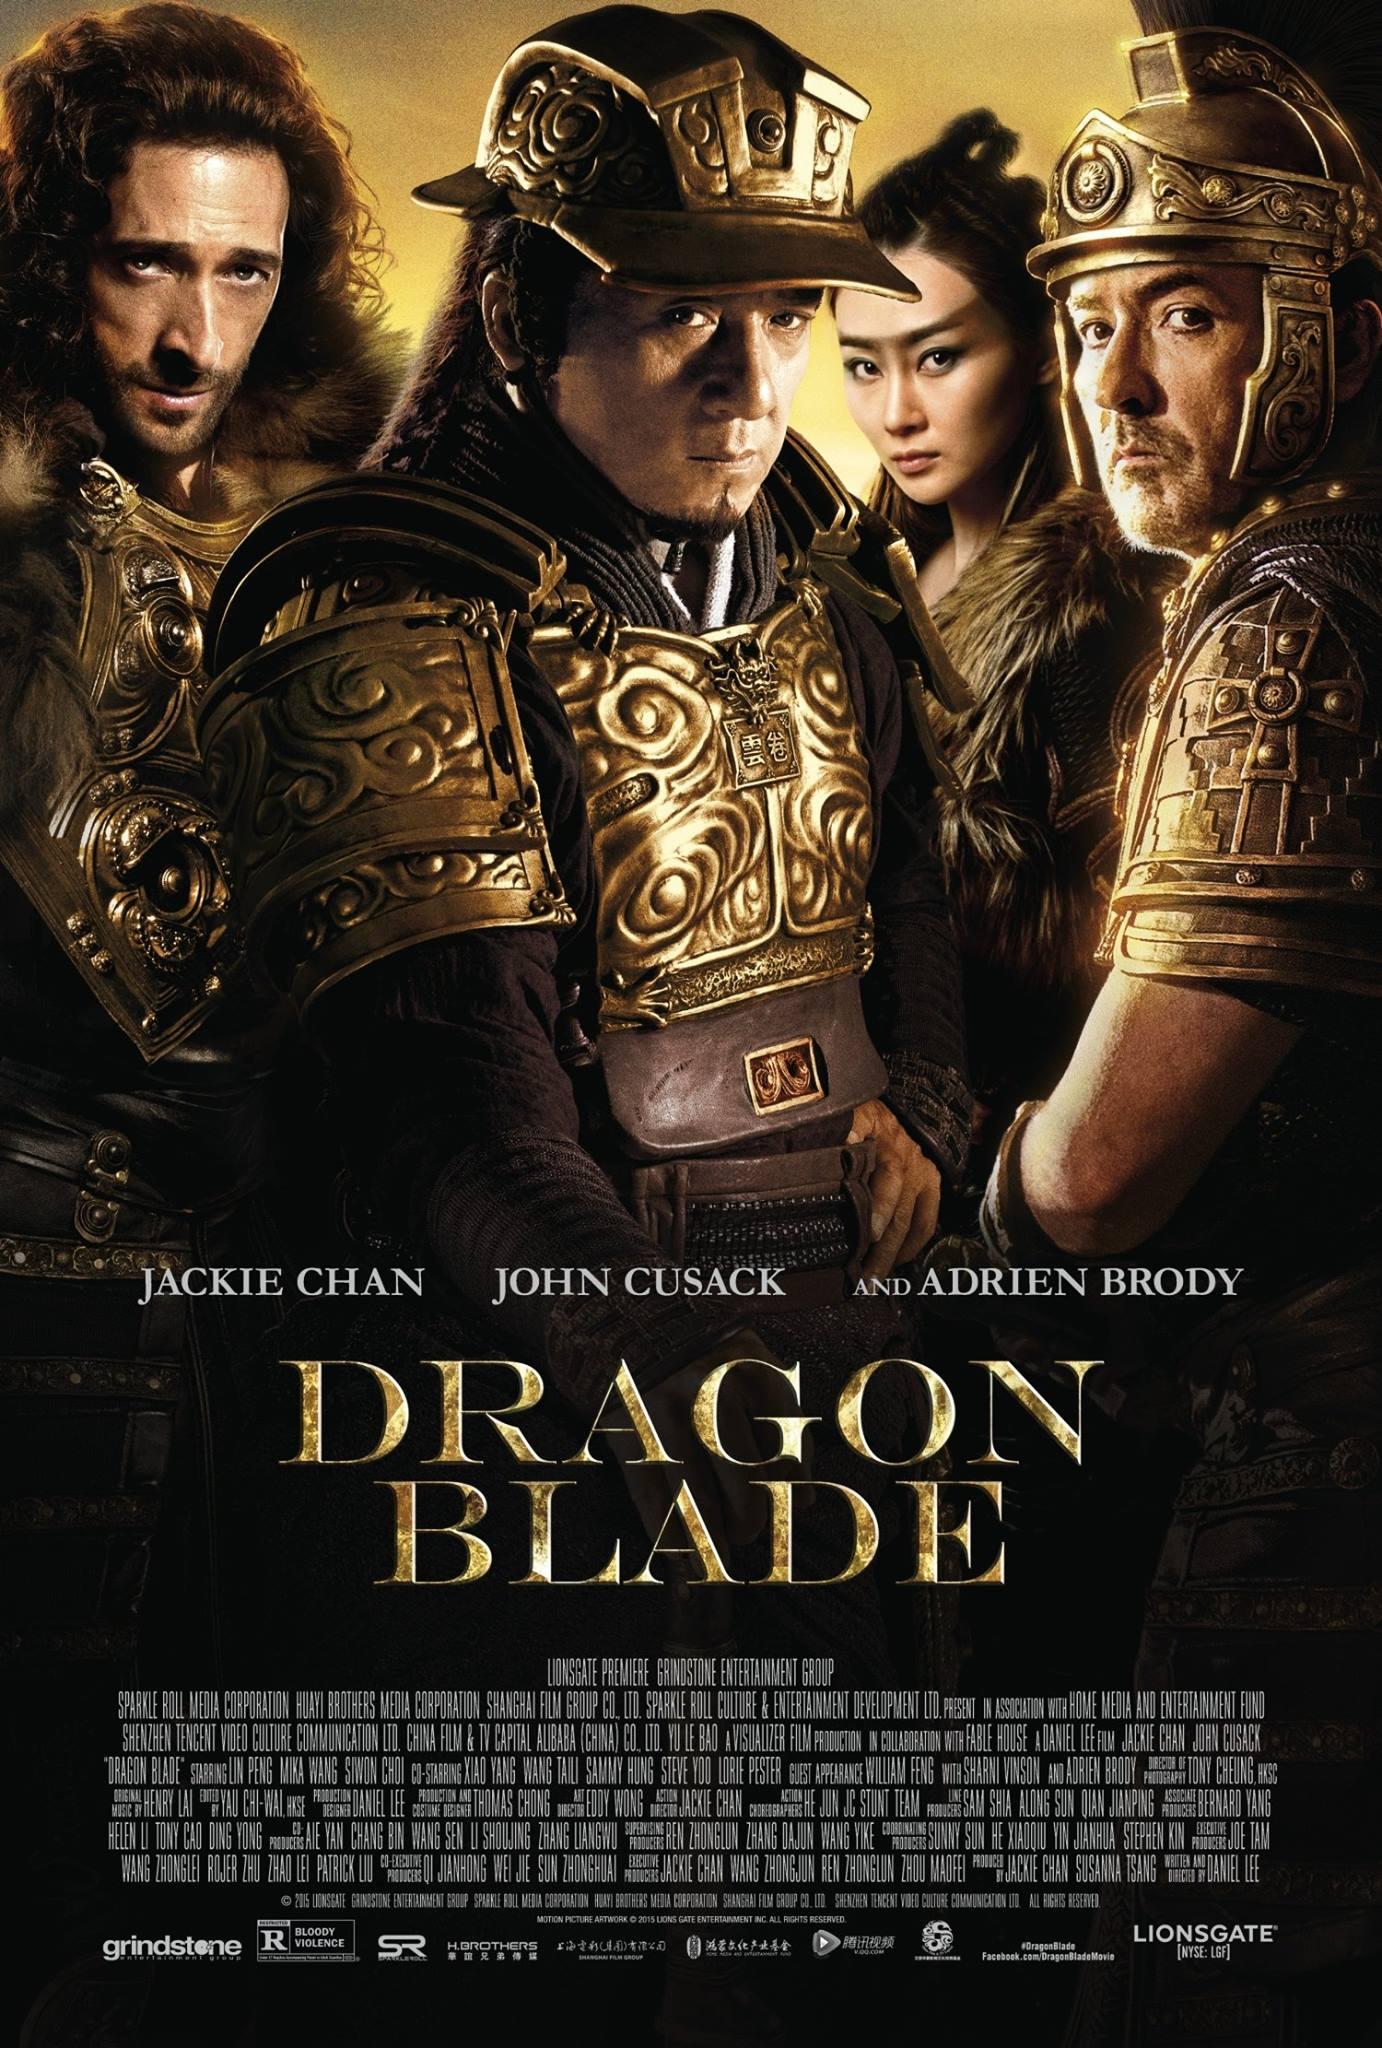 دانلود فیلم شمشیر اژدها Dragon Blade -دانلود فیلم شمشیر اژدها Dragon Blade دوبله فارسی